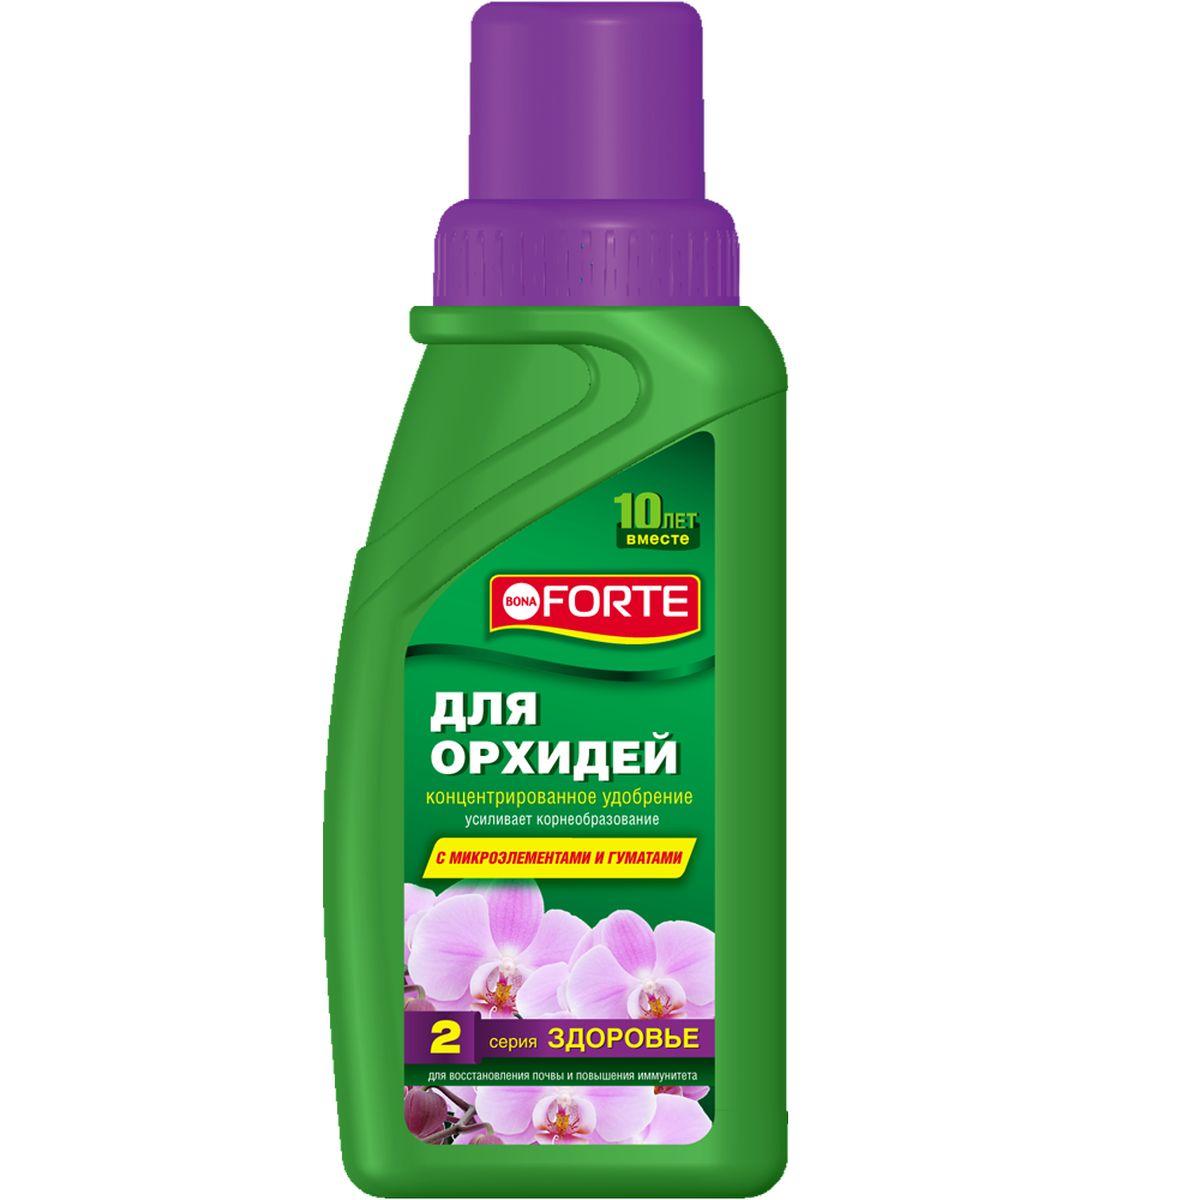 Жидкое комплексное удобрение Bona Forte, для орхидей, 285 мл8711969023932Предназначено для сбалансированного питания, пышного и продолжительного цветения, способствует образованию сильных цветков, а также повышает иммунитет орхидей.Содержит полный комплекс веществ, необходимых для полноценного и сбалансированного питания растений: высокая доля (13,5 %) основных элементов (NPK), обеспечивающих усиленное питание для растений; высокая доля (1,3 %) мезоэлемента (Mg), усиливающего процесс фотосинтеза; комплекс основных микроэлементов в хелатной форме, что способствует полному их усвоению и пролонгированному действию; комплекс витаминов для поддержания и укрепления иммунной системы растений; регулятор роста для стимулирования роста растений.